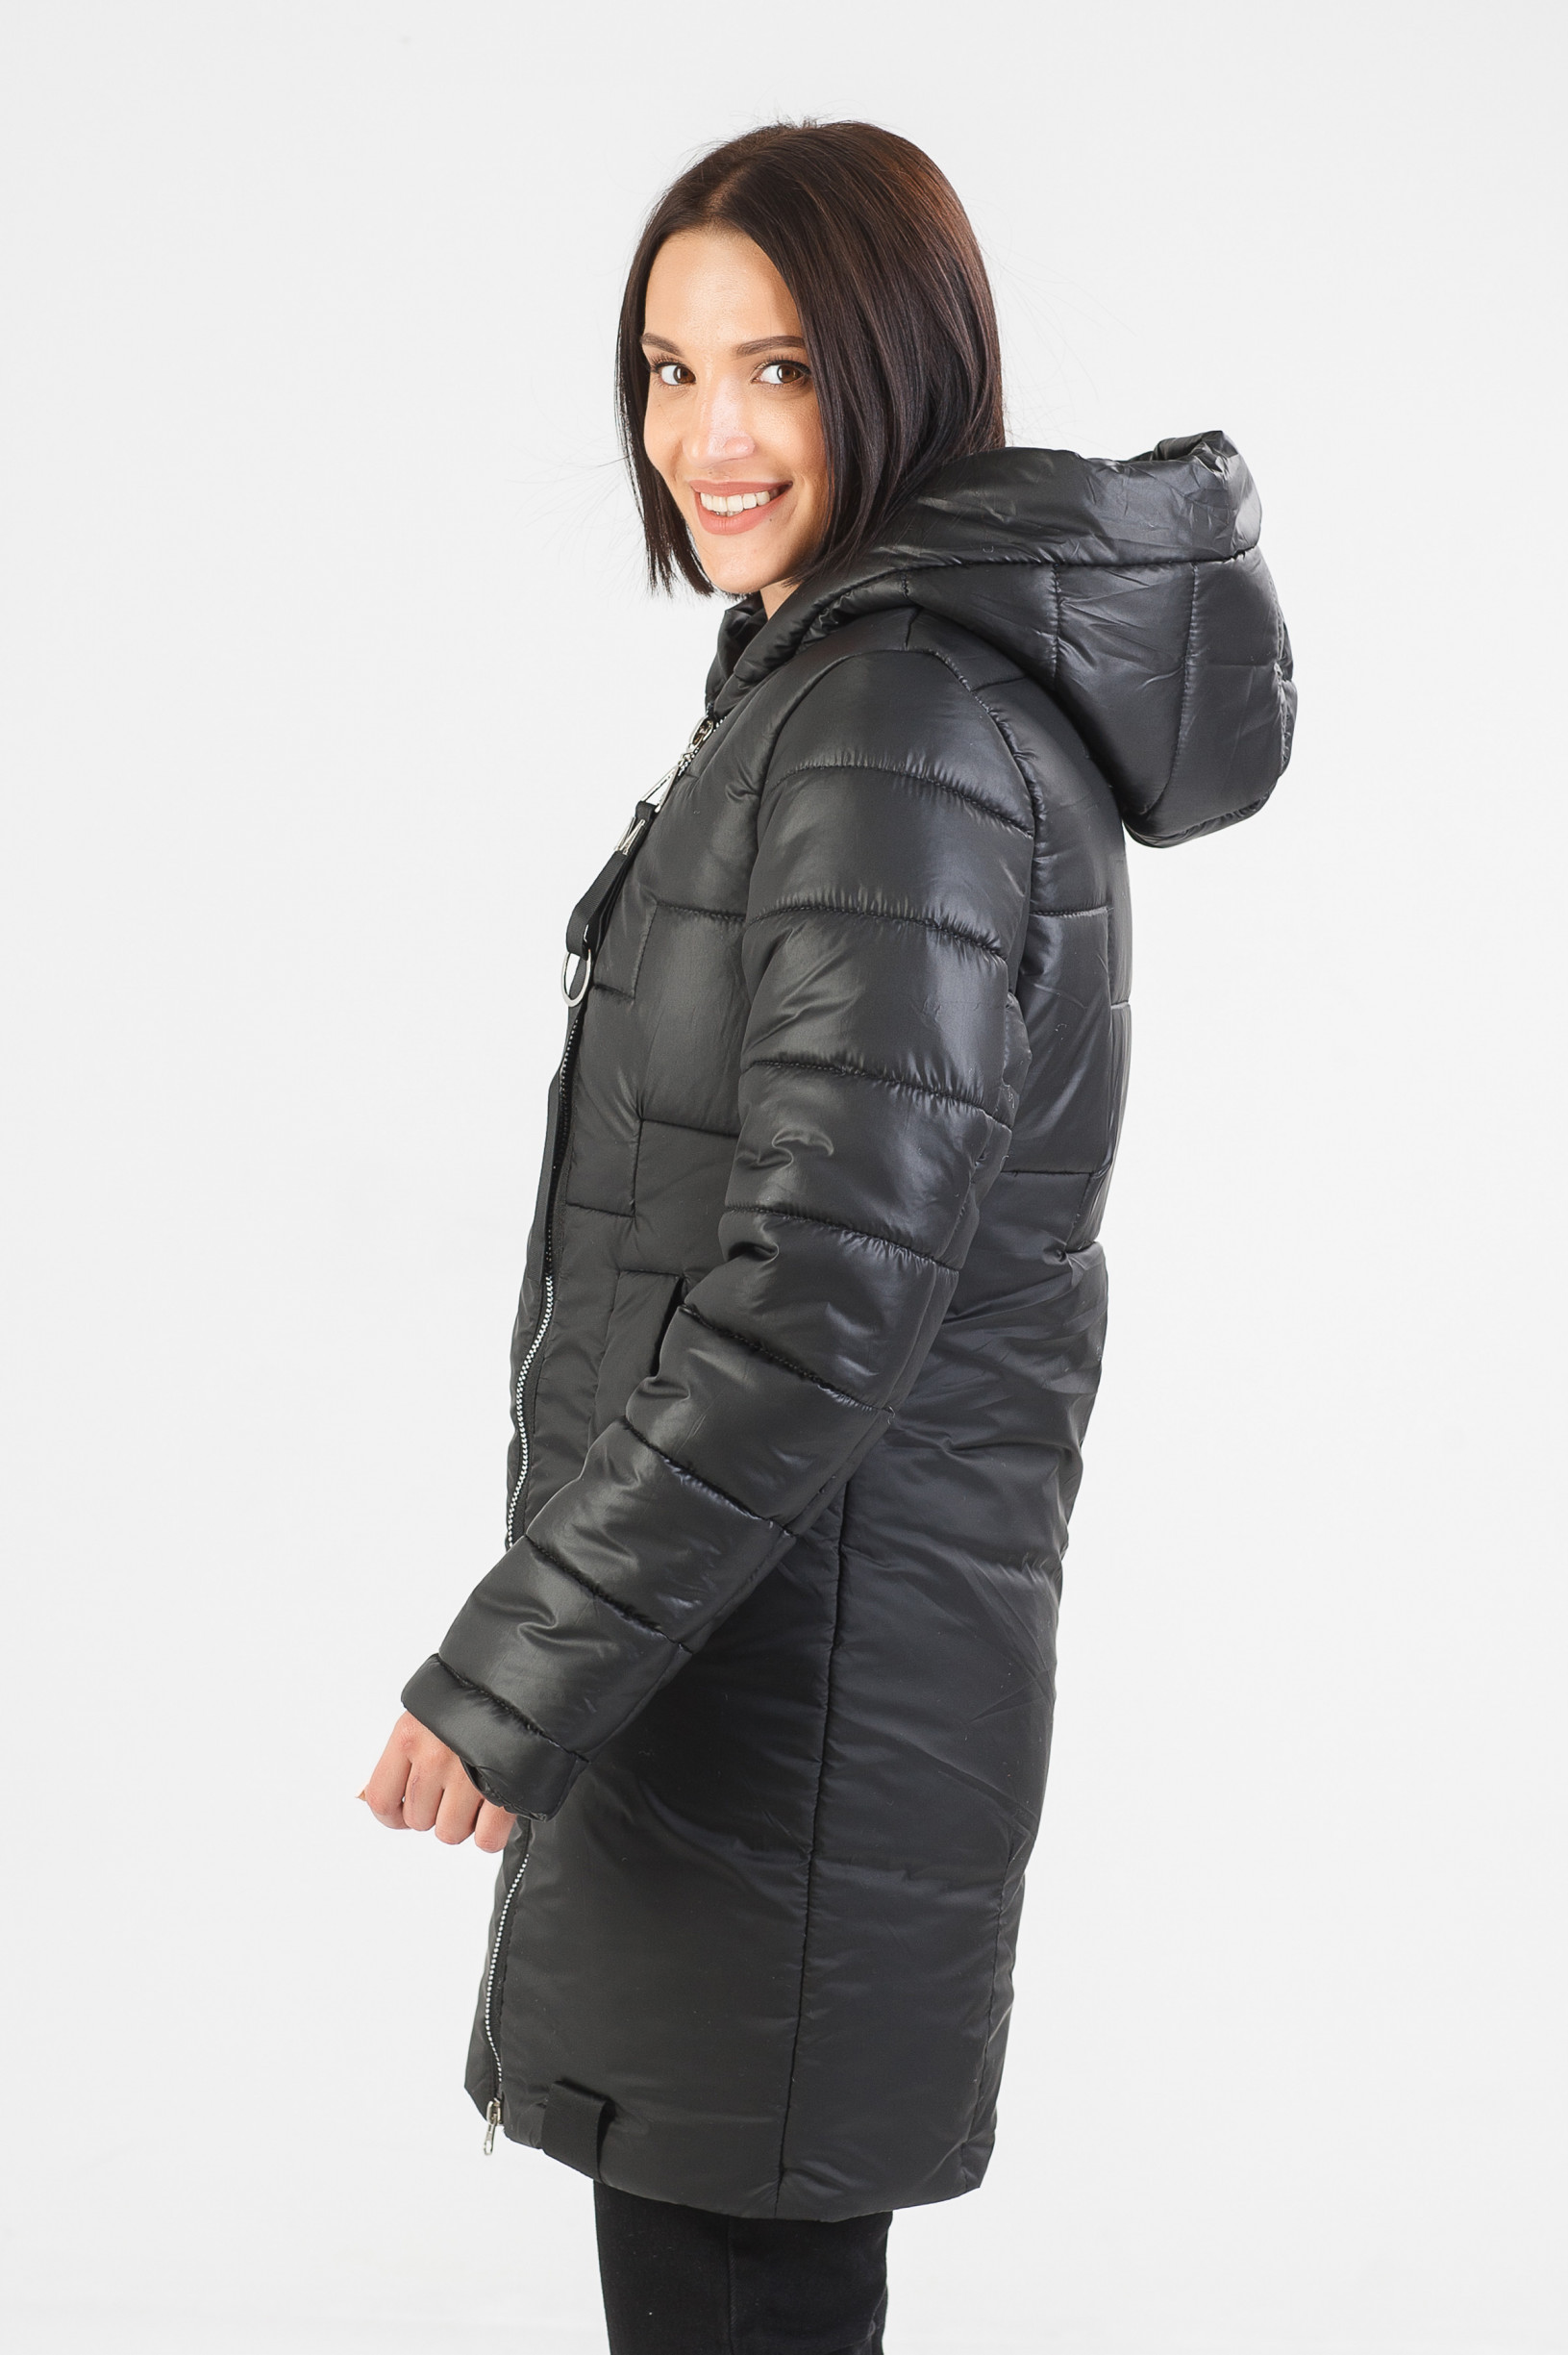 Зимняя удлинённая чёрная куртка Жако